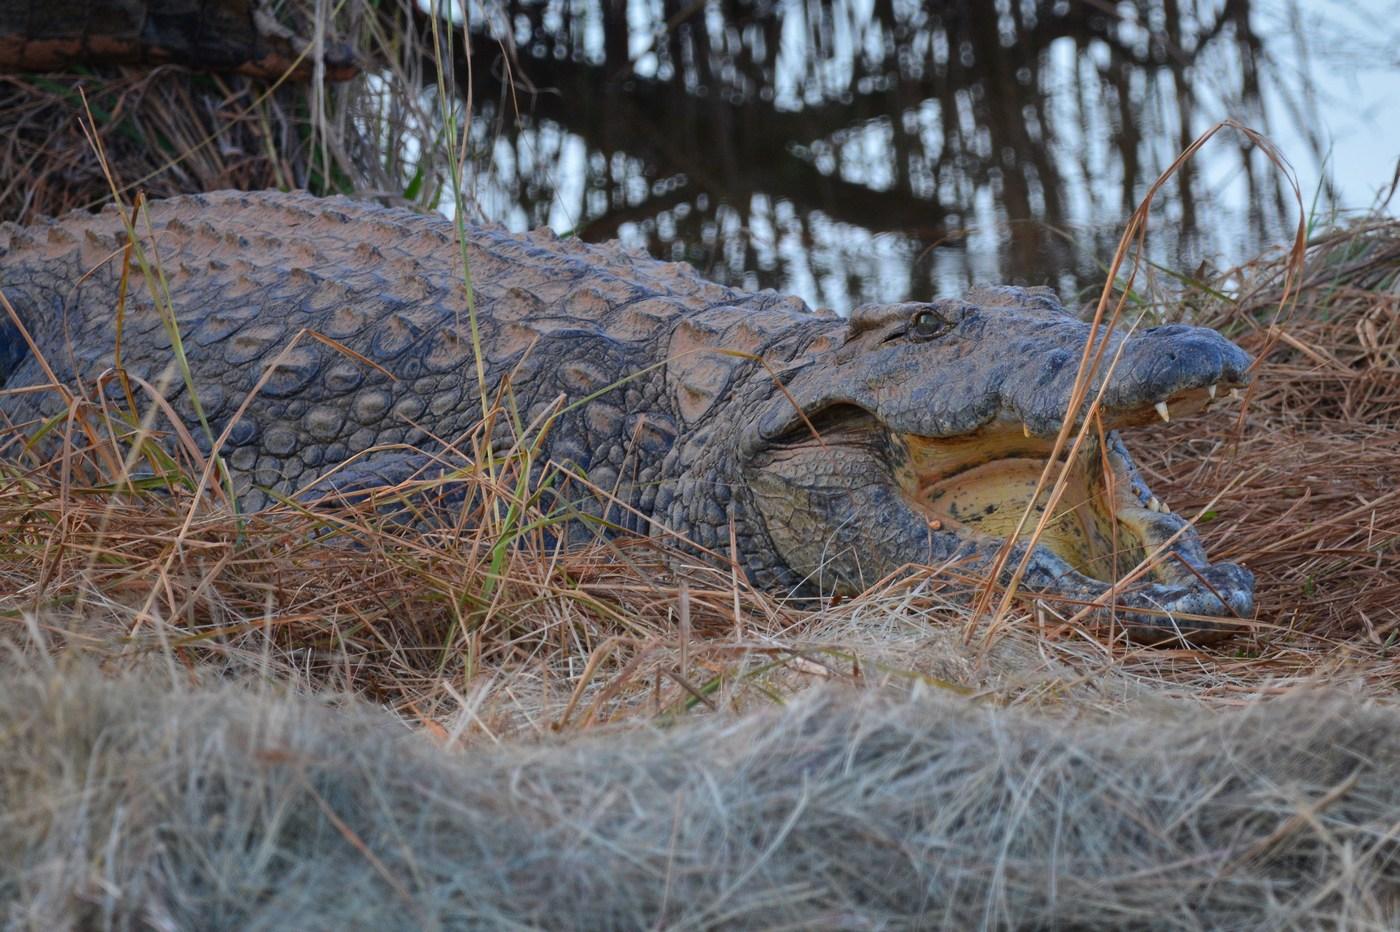 Un beau Crocodile du Nil en position typique de repos, gueule grande ouverte.